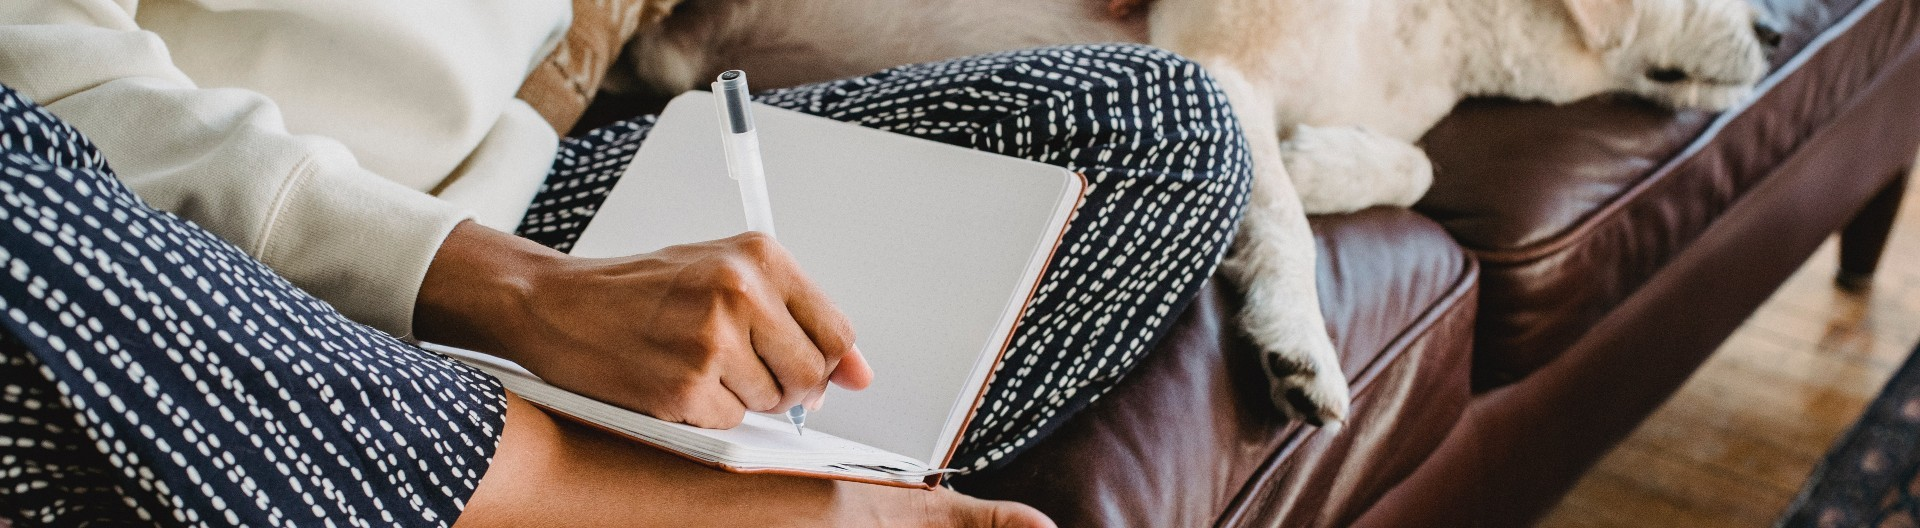 Eine Frau sitzt im Schneidersitz auf der Ledercouch und schreibt in ein Tagebuch.